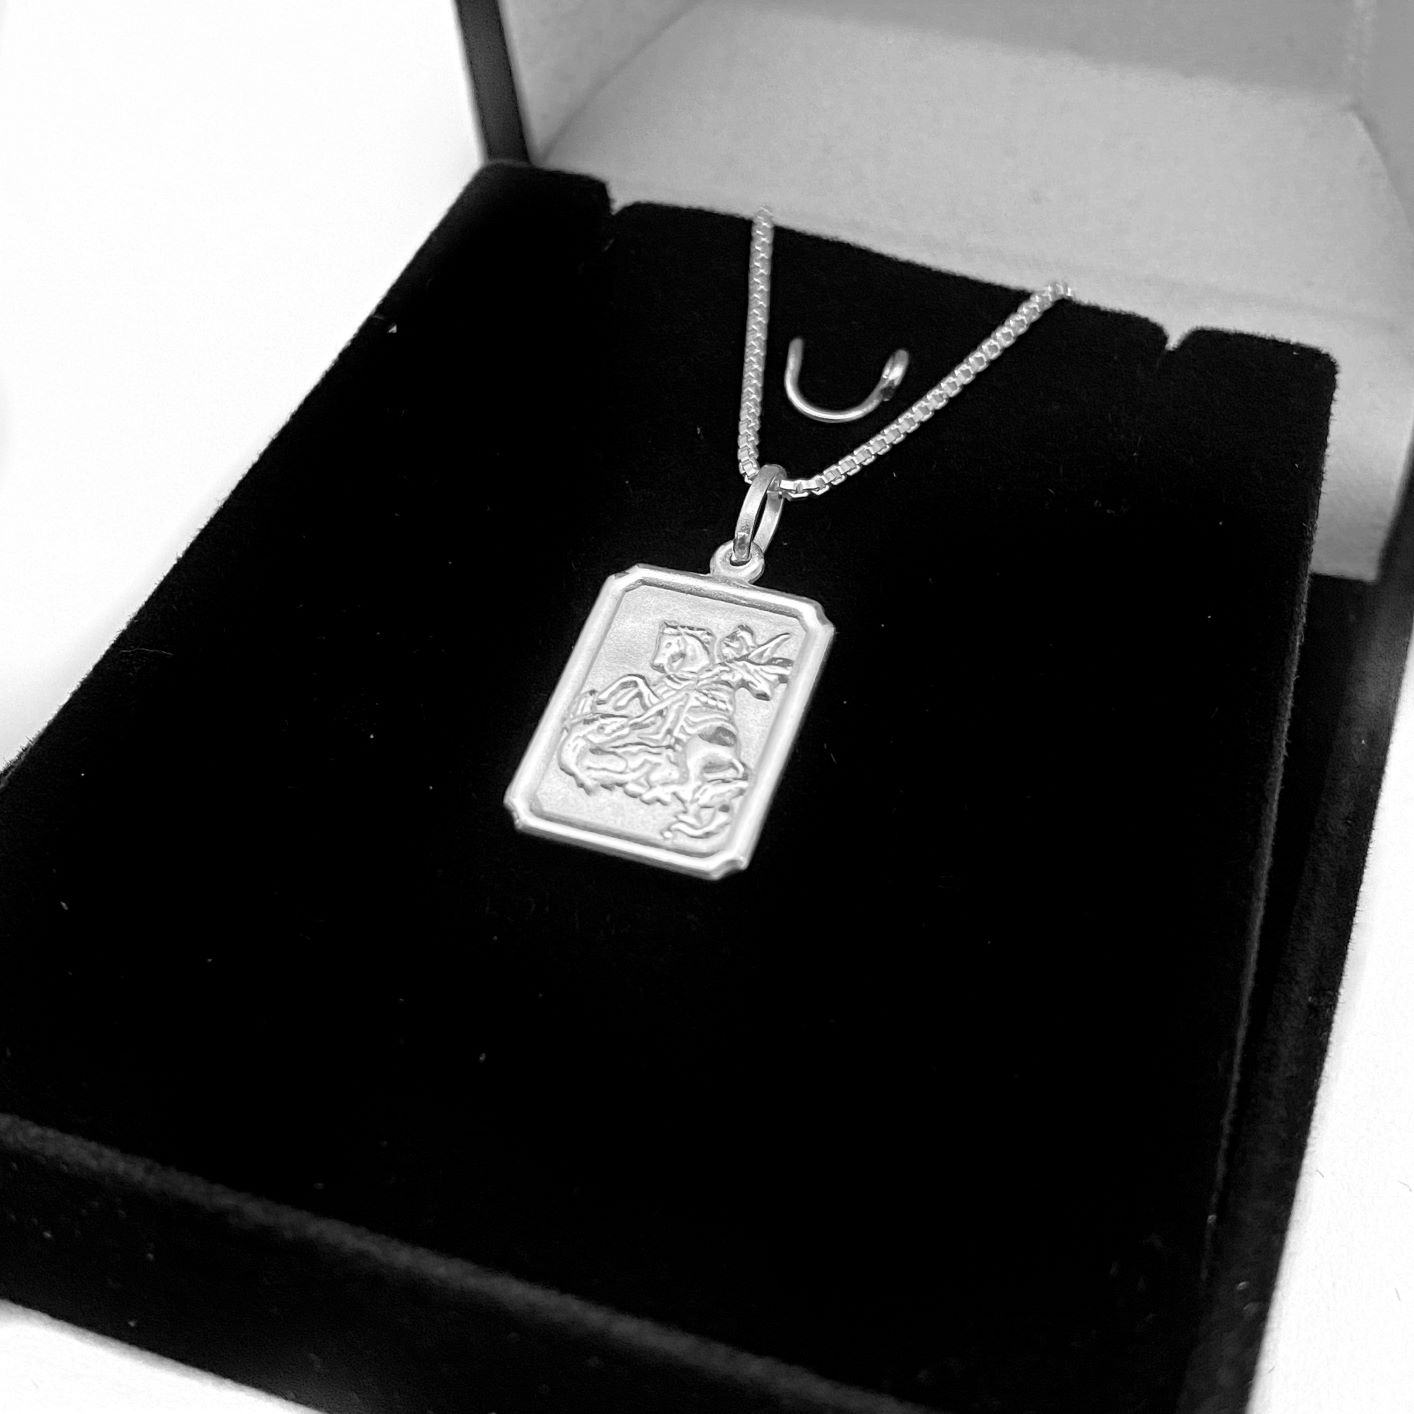 Pingente Placa São Jorge 1,5cm x 1,1cm (Dupla Face) (Prata 925 Italiana)